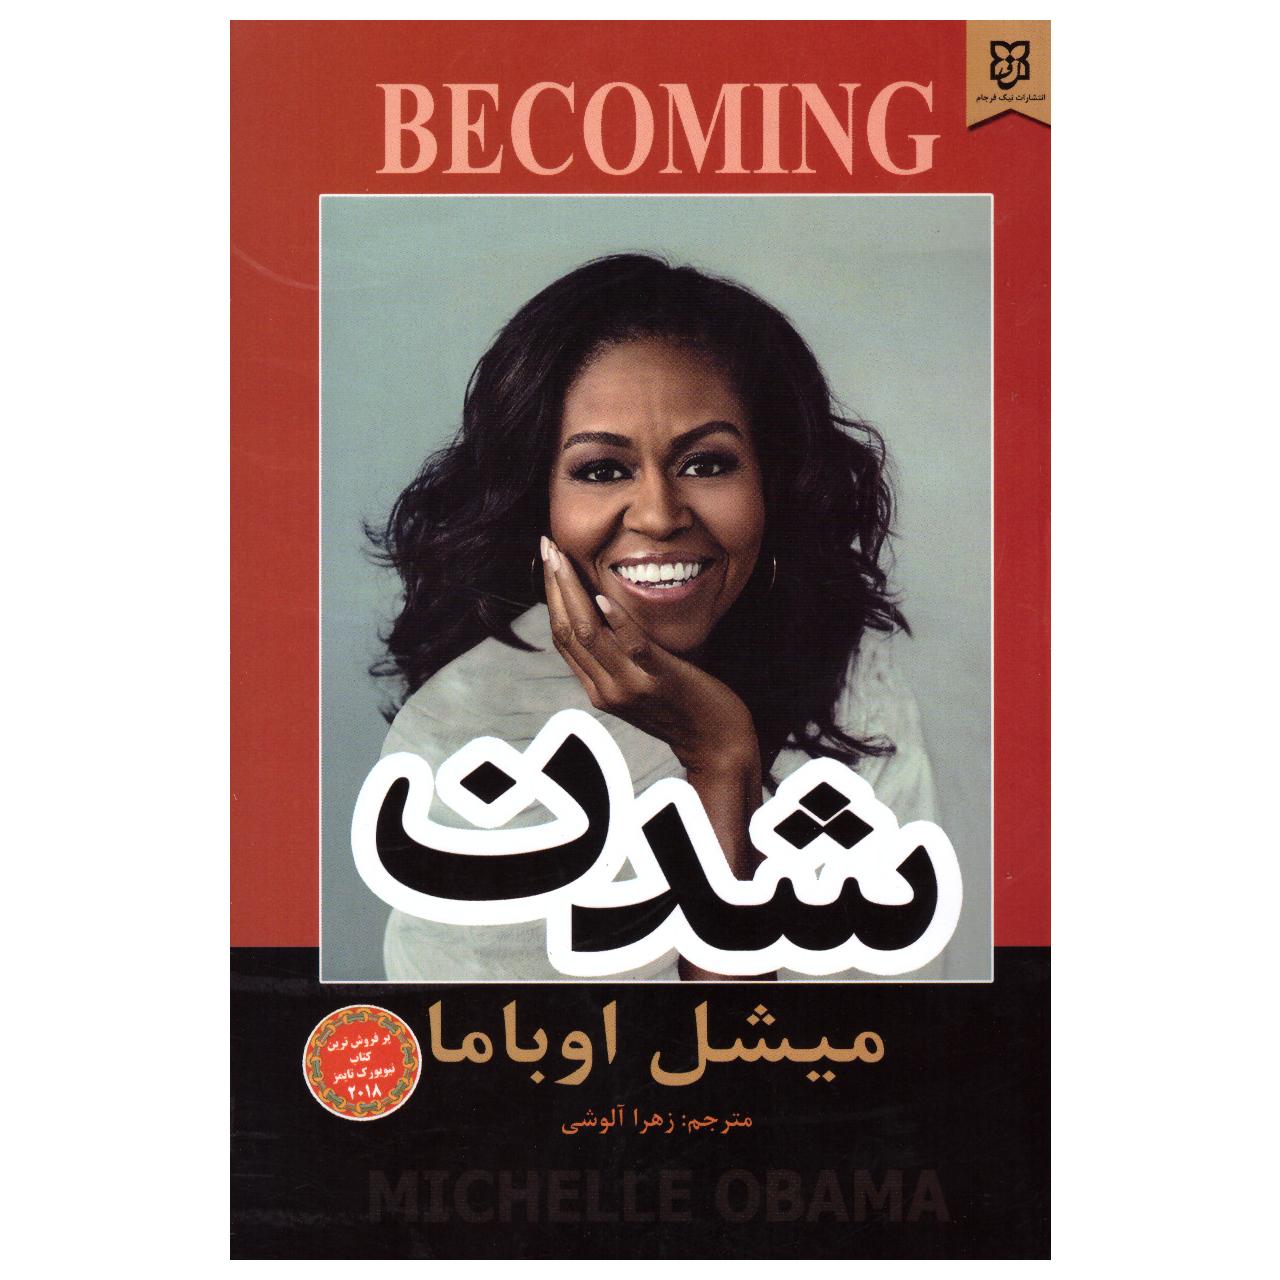 کتاب شدن اثر میشل اوباما انتشارات نیک فرجام